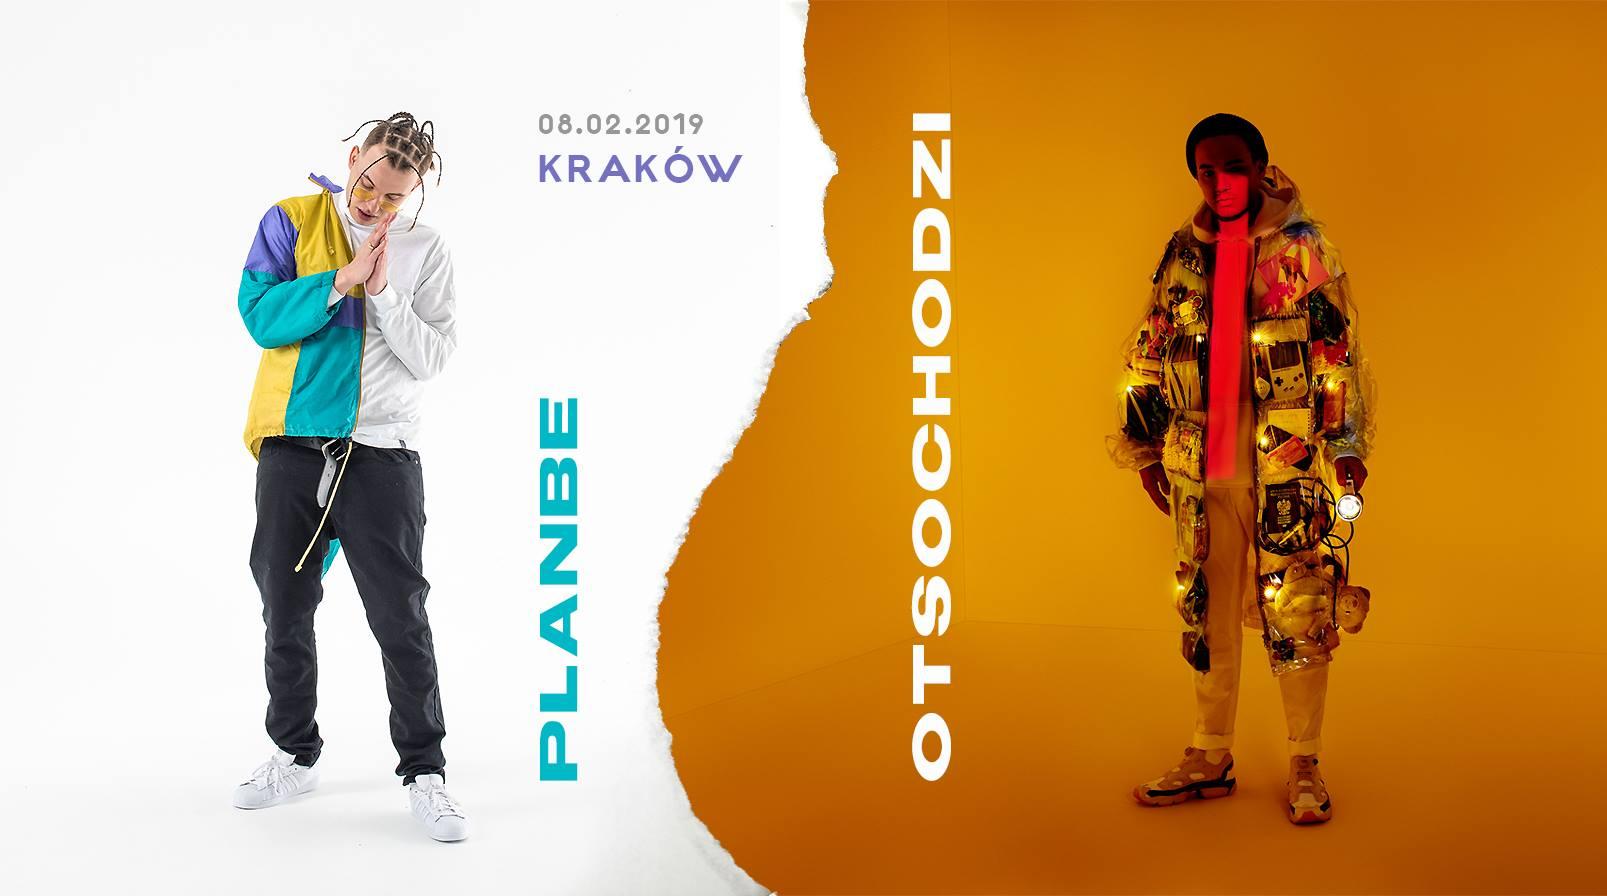 PlanBe x Otsochodzi - Kraków